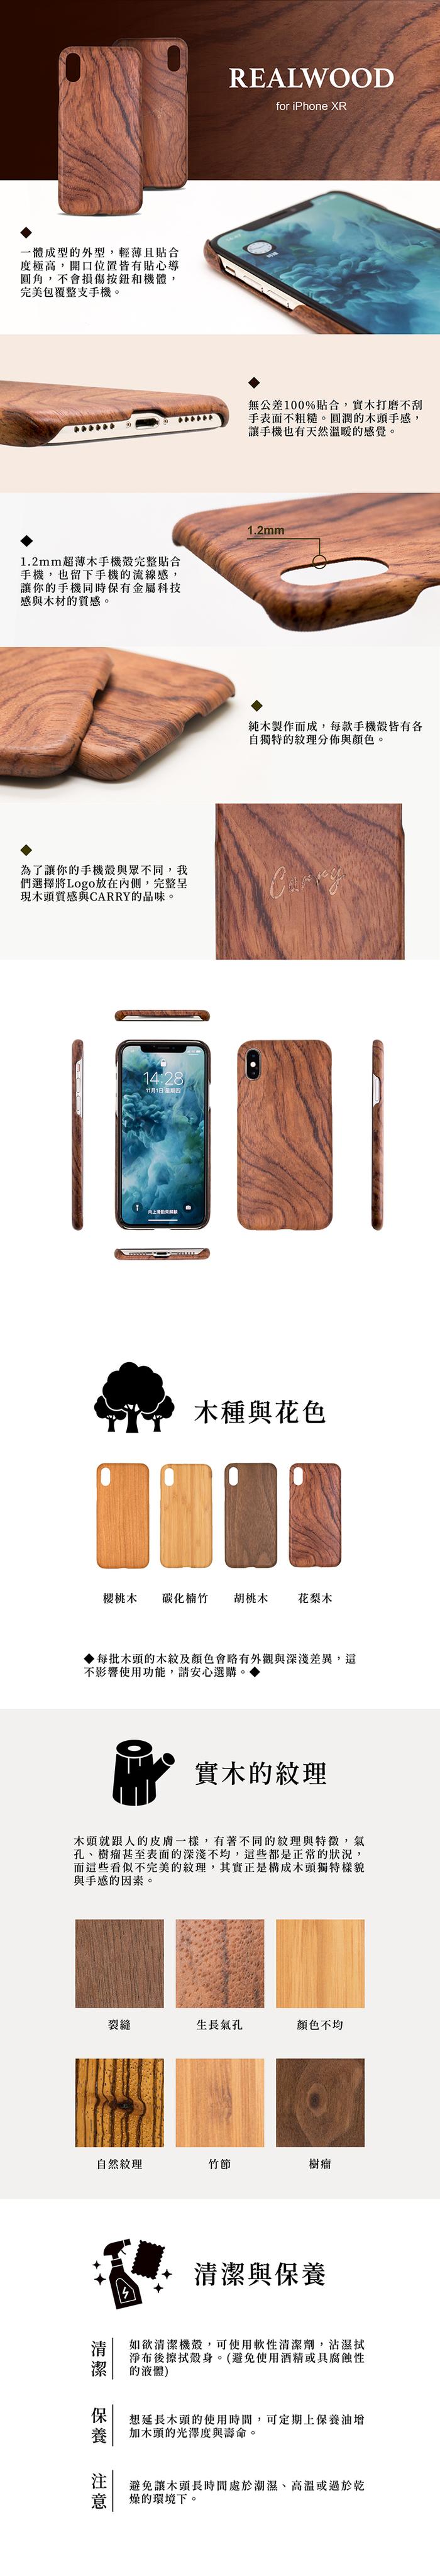 (複製)Carry|RealWood 純木手機殼 – 花梨木 ( for iPhone X )